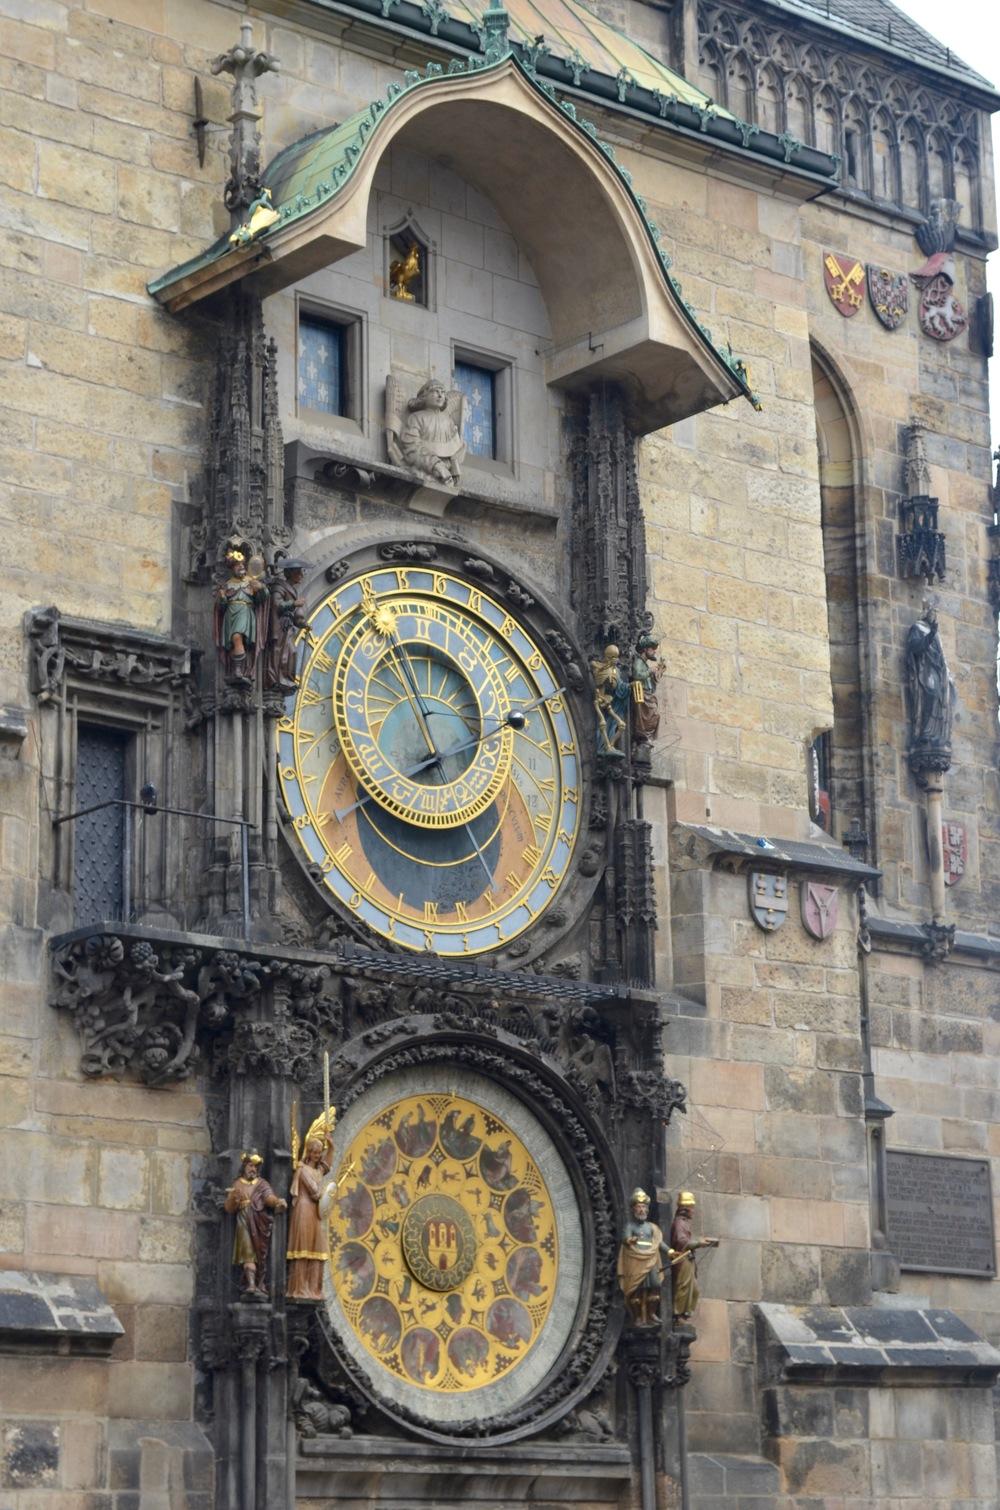 Pragueastronomicalclock.jpg